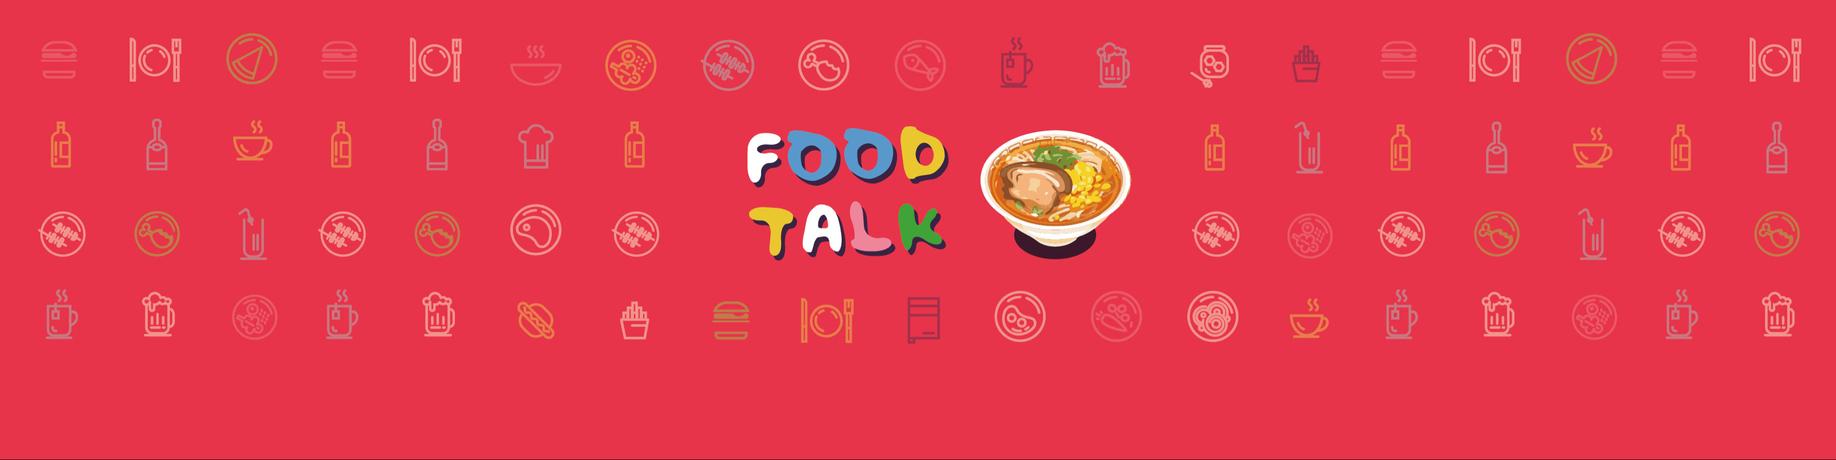 麥可說食話:告訴你食物背後的有趣知識